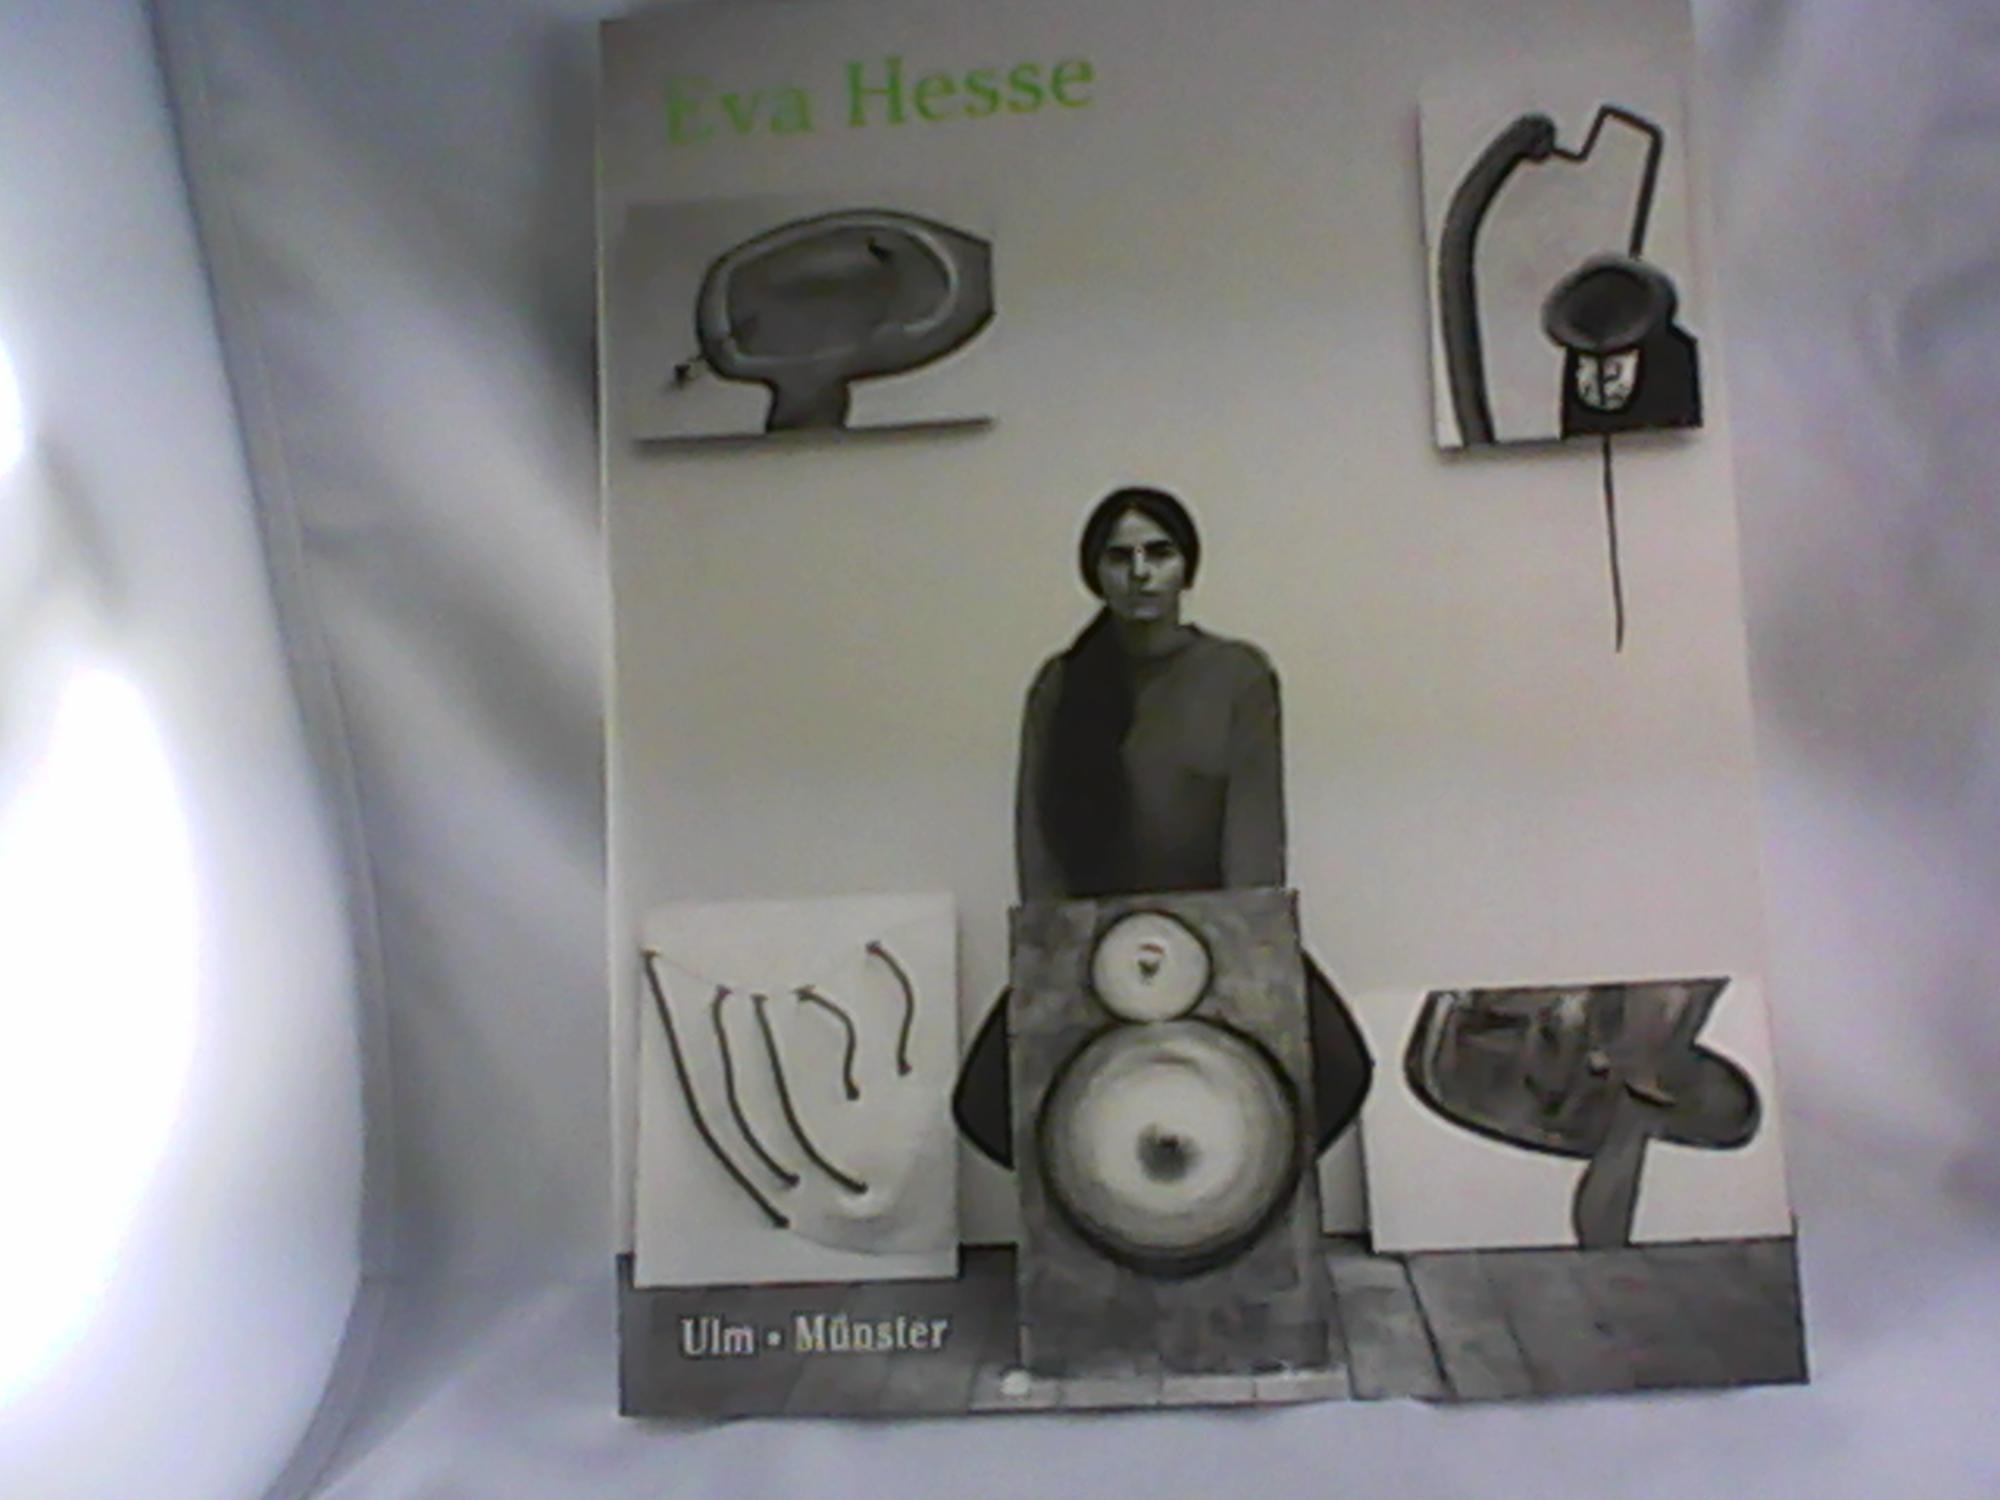 Eva Hesse : drawing in space - Bilder und Reliefs. [Hrsg. Brigitte Reinhardt ; Ulmer Museum. Übers. William R. Adamson .] - Reinhardt, Brigitte [Hrsg.] und Eva [Ill.] Hesse